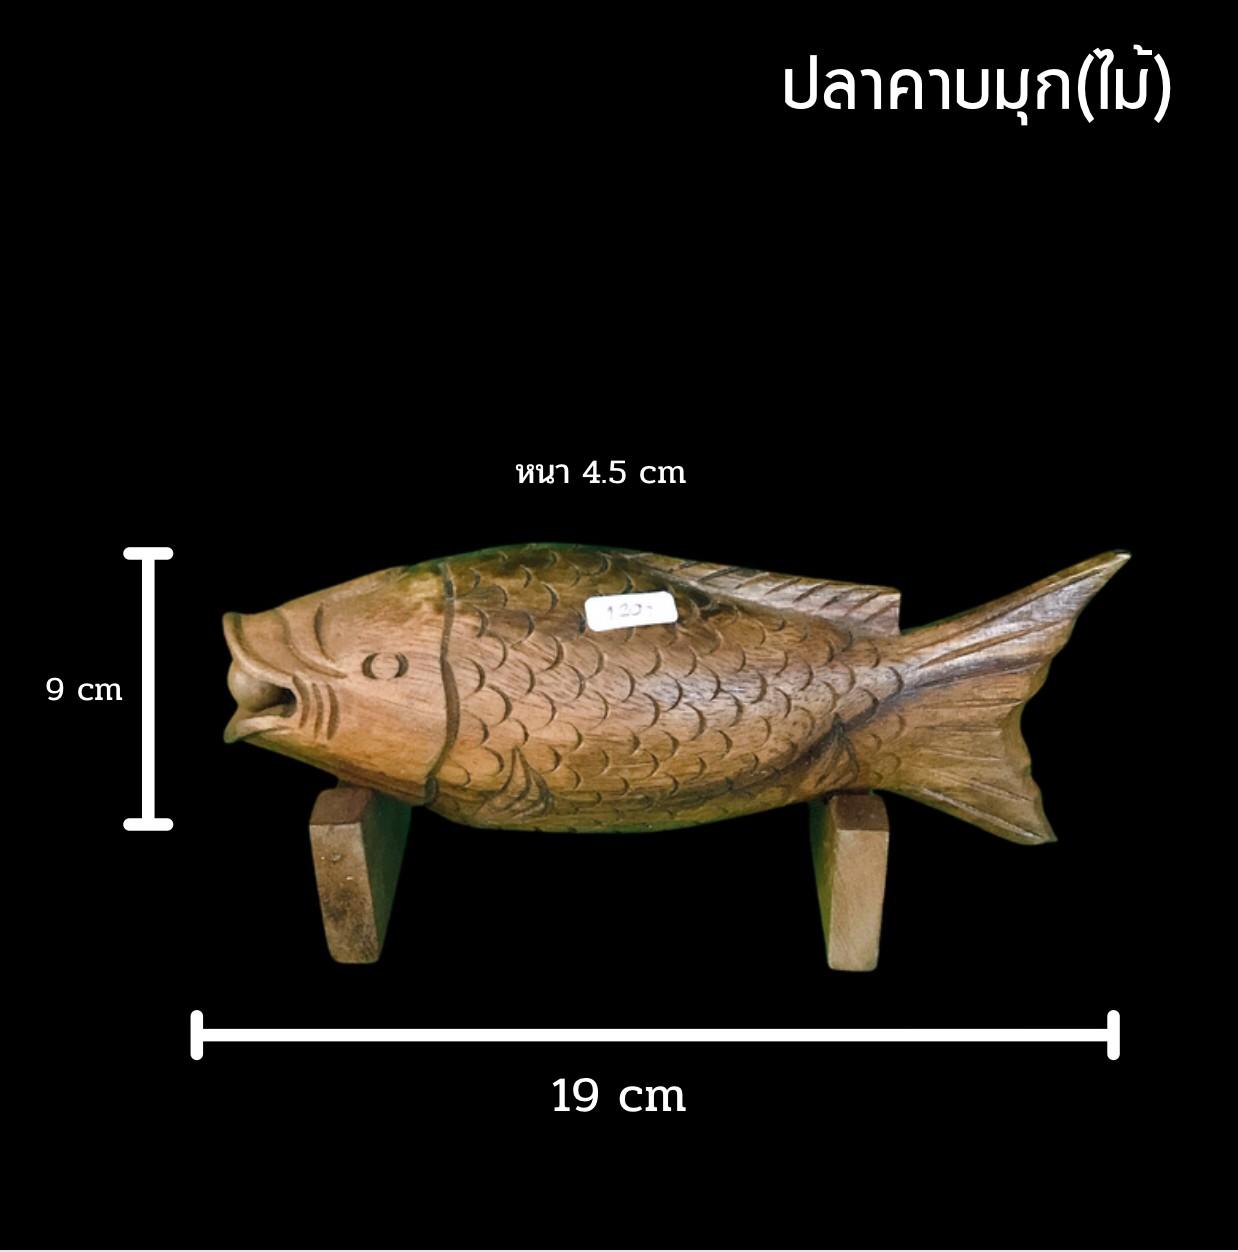 Fish(ปลาคาบมุก)